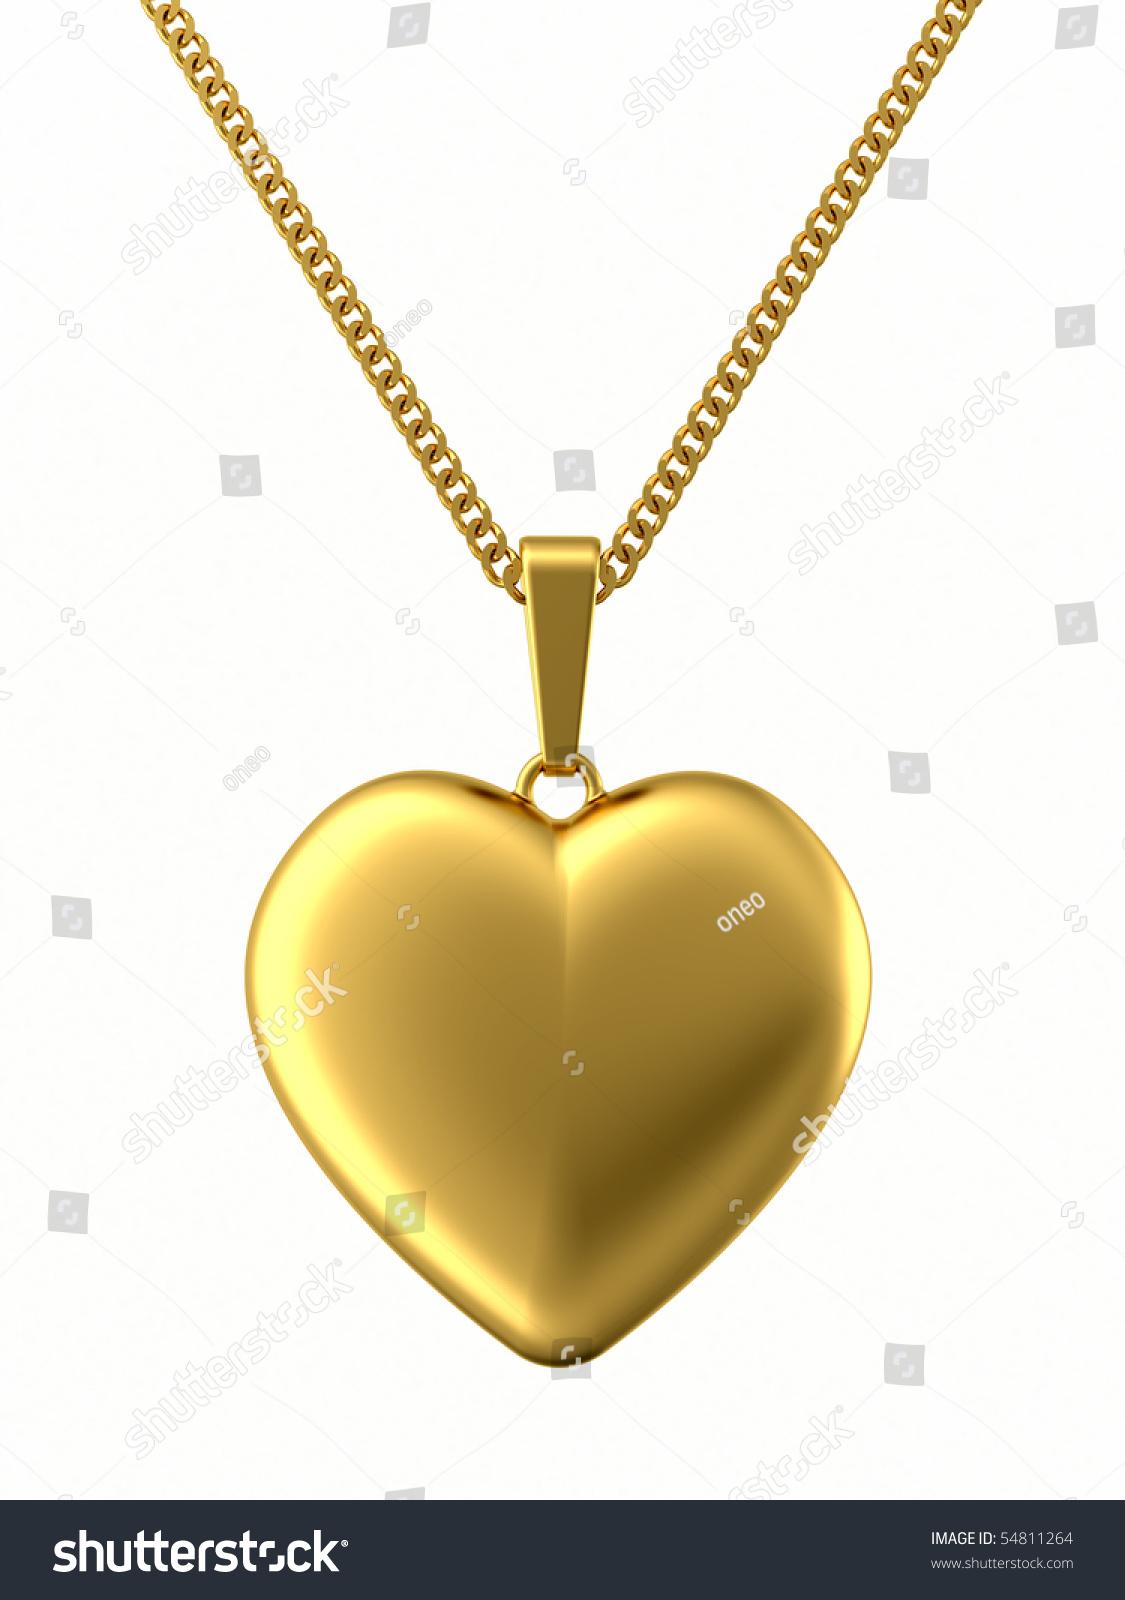 Golden Pendant Shape Heart On Chain Stock Illustration 54811264 ...